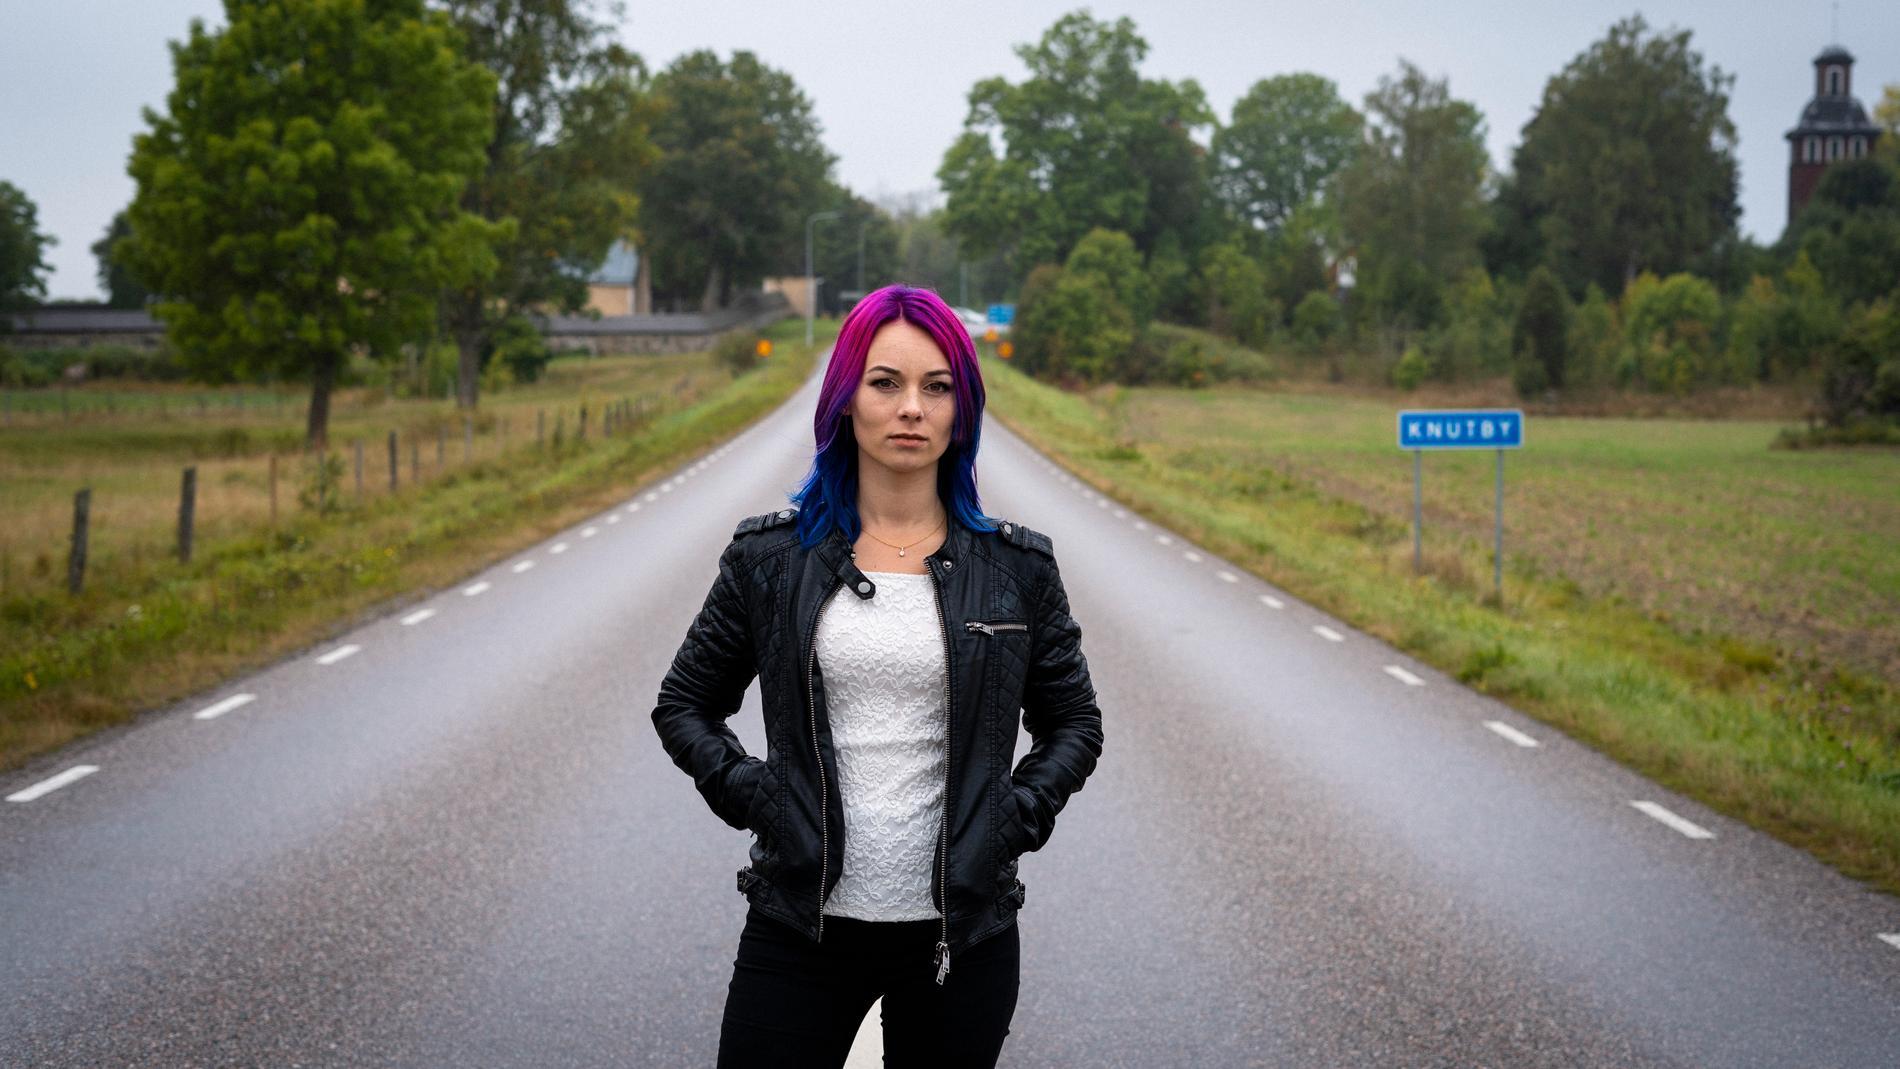 """Som barn tvingades Linnéa Kuling flytta in hos Åsa Waldau. Nu berättar hon om hur det var att växa upp i den mytomspunna församlingen i nya boken """"Knutbyflickan""""."""